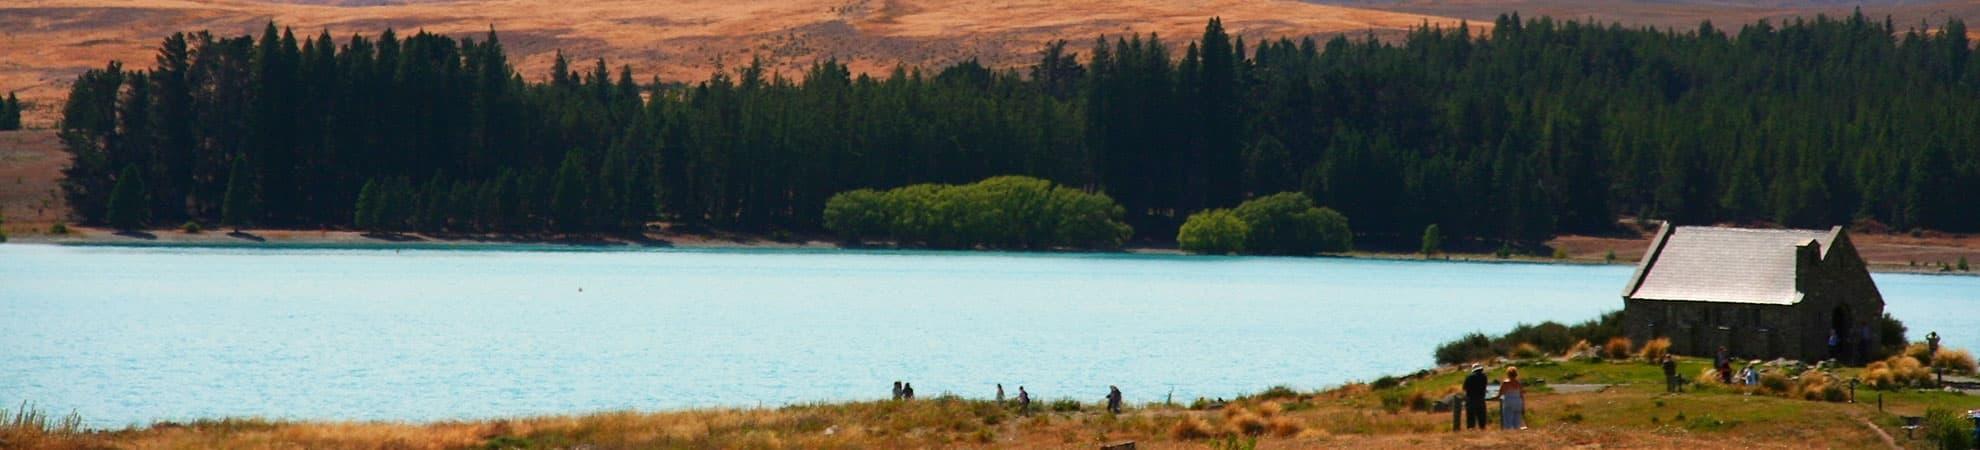 Voyage L'île du Nord en Nouvelle Zélande